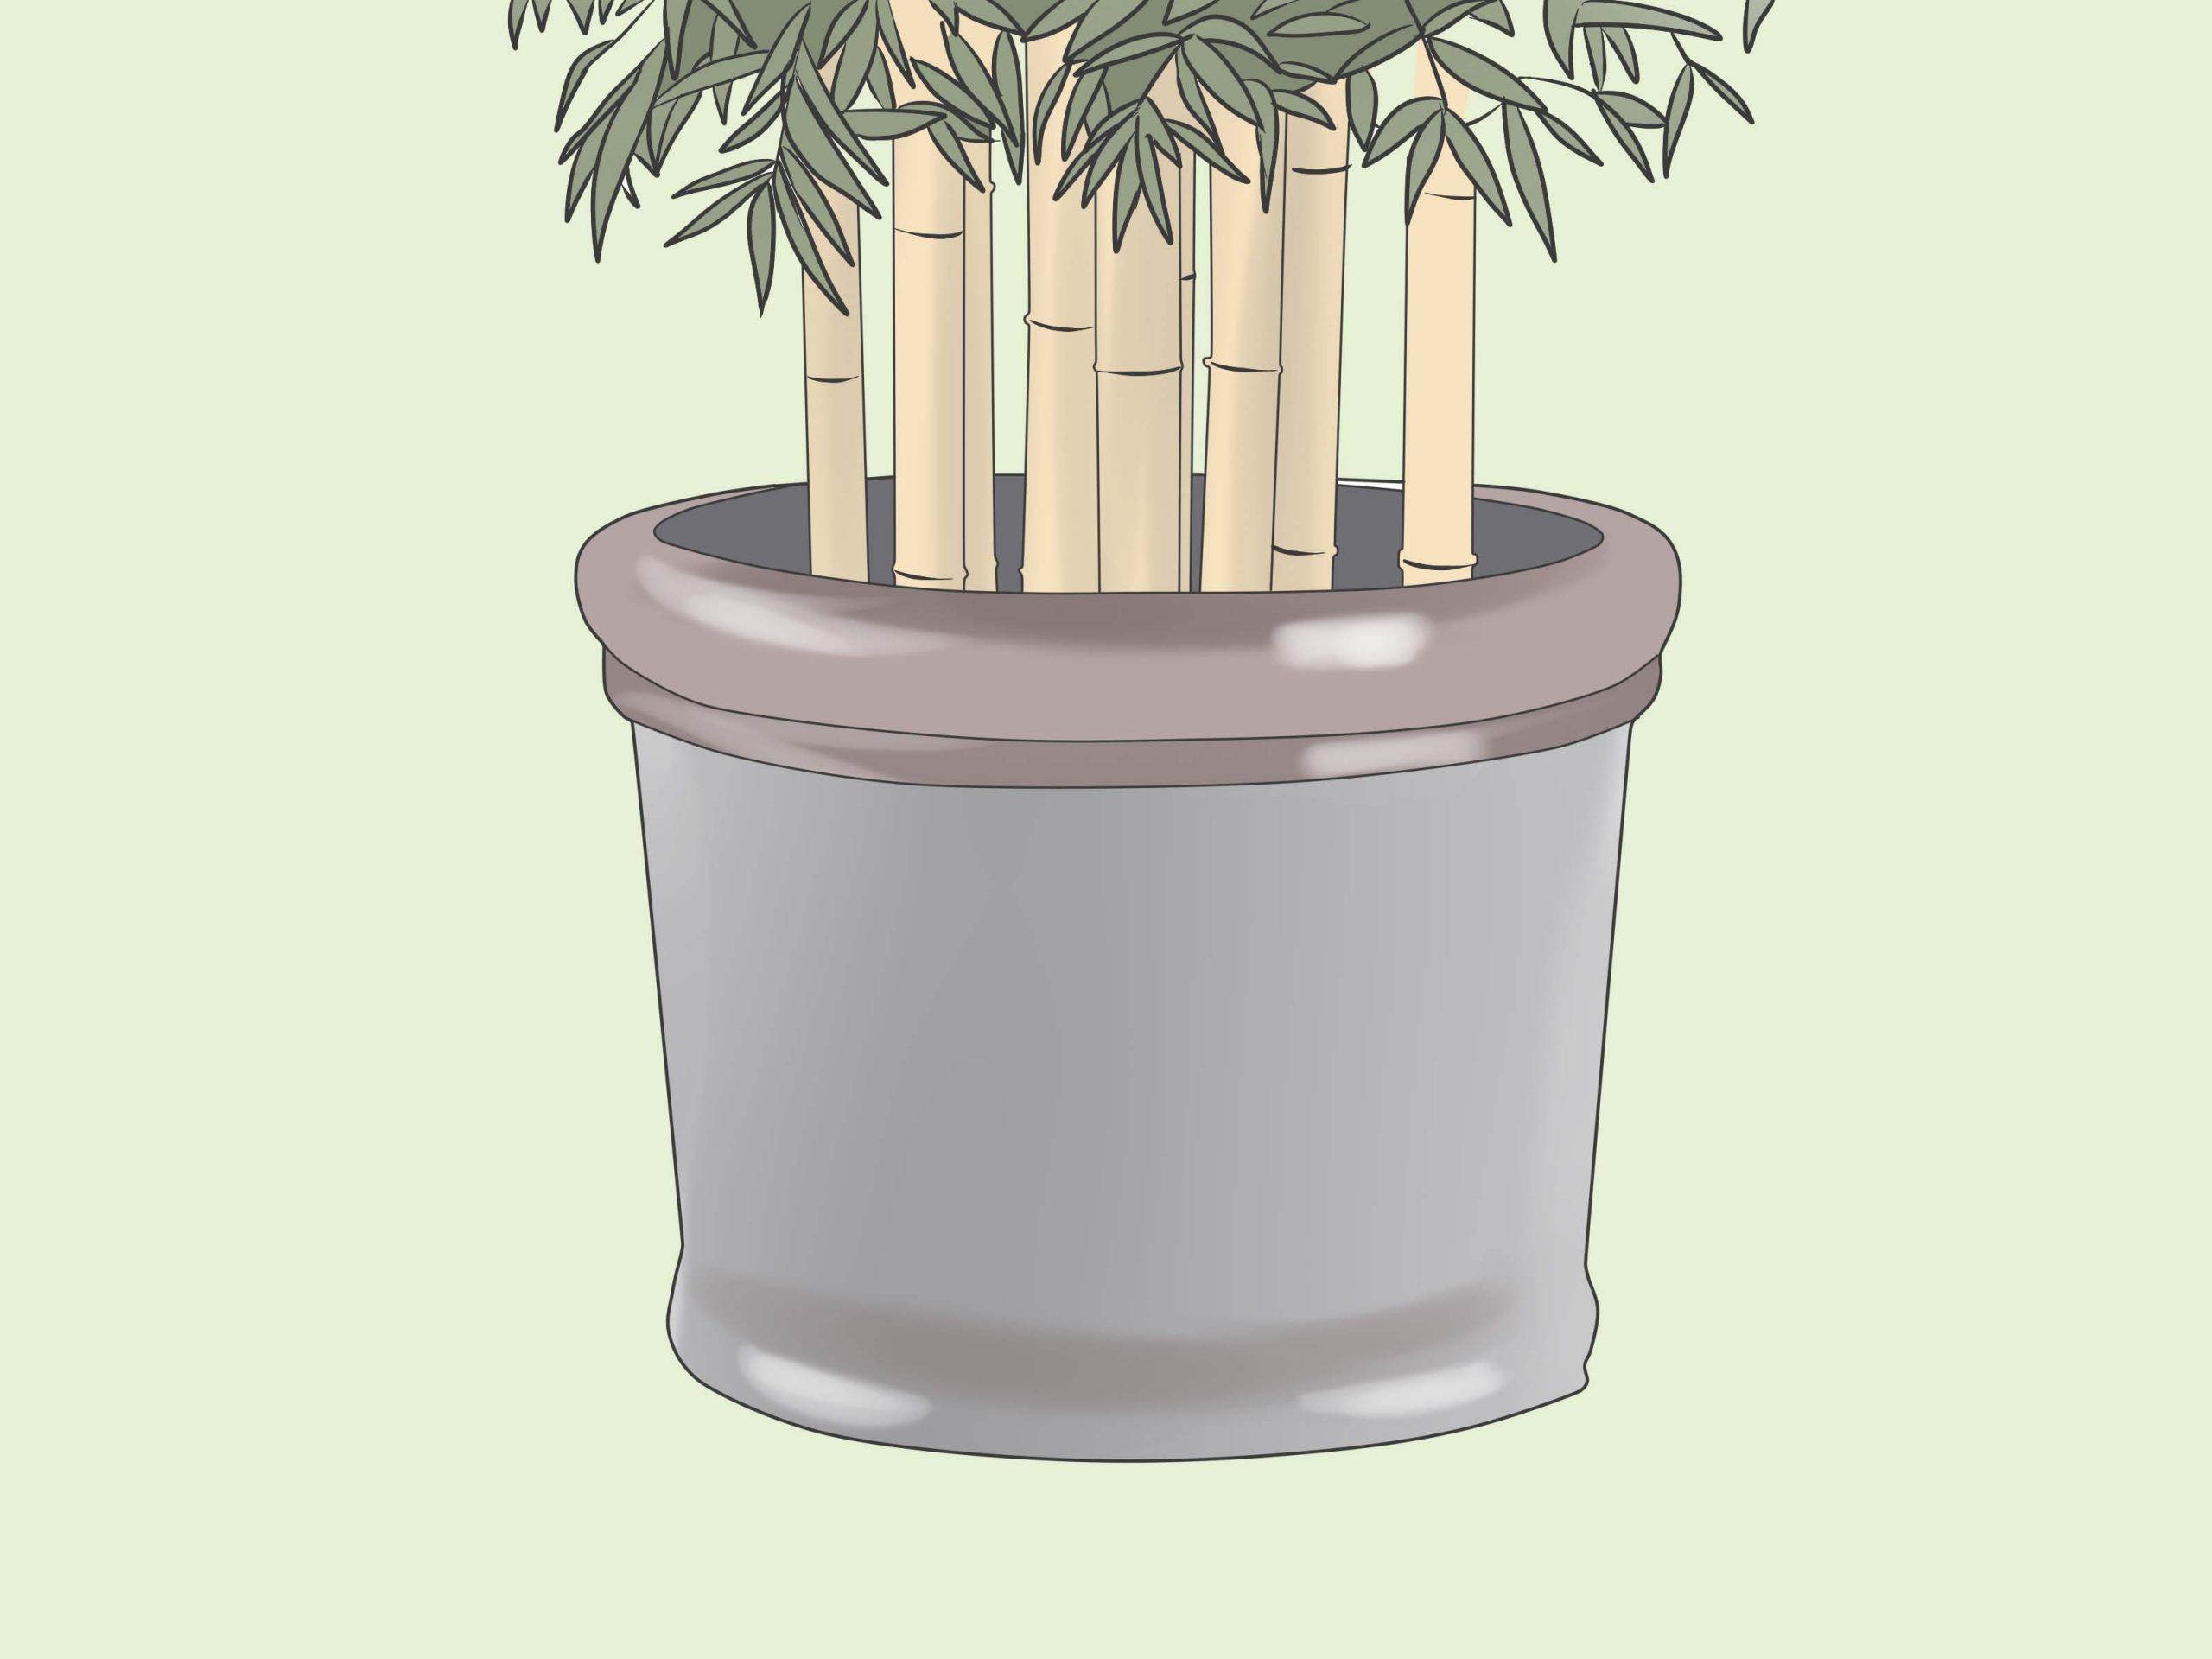 Comment Se Débarrasser Des Bambous: 8 Étapes serapportantà Comment Eliminer Les Bambous Dans Un Jardin